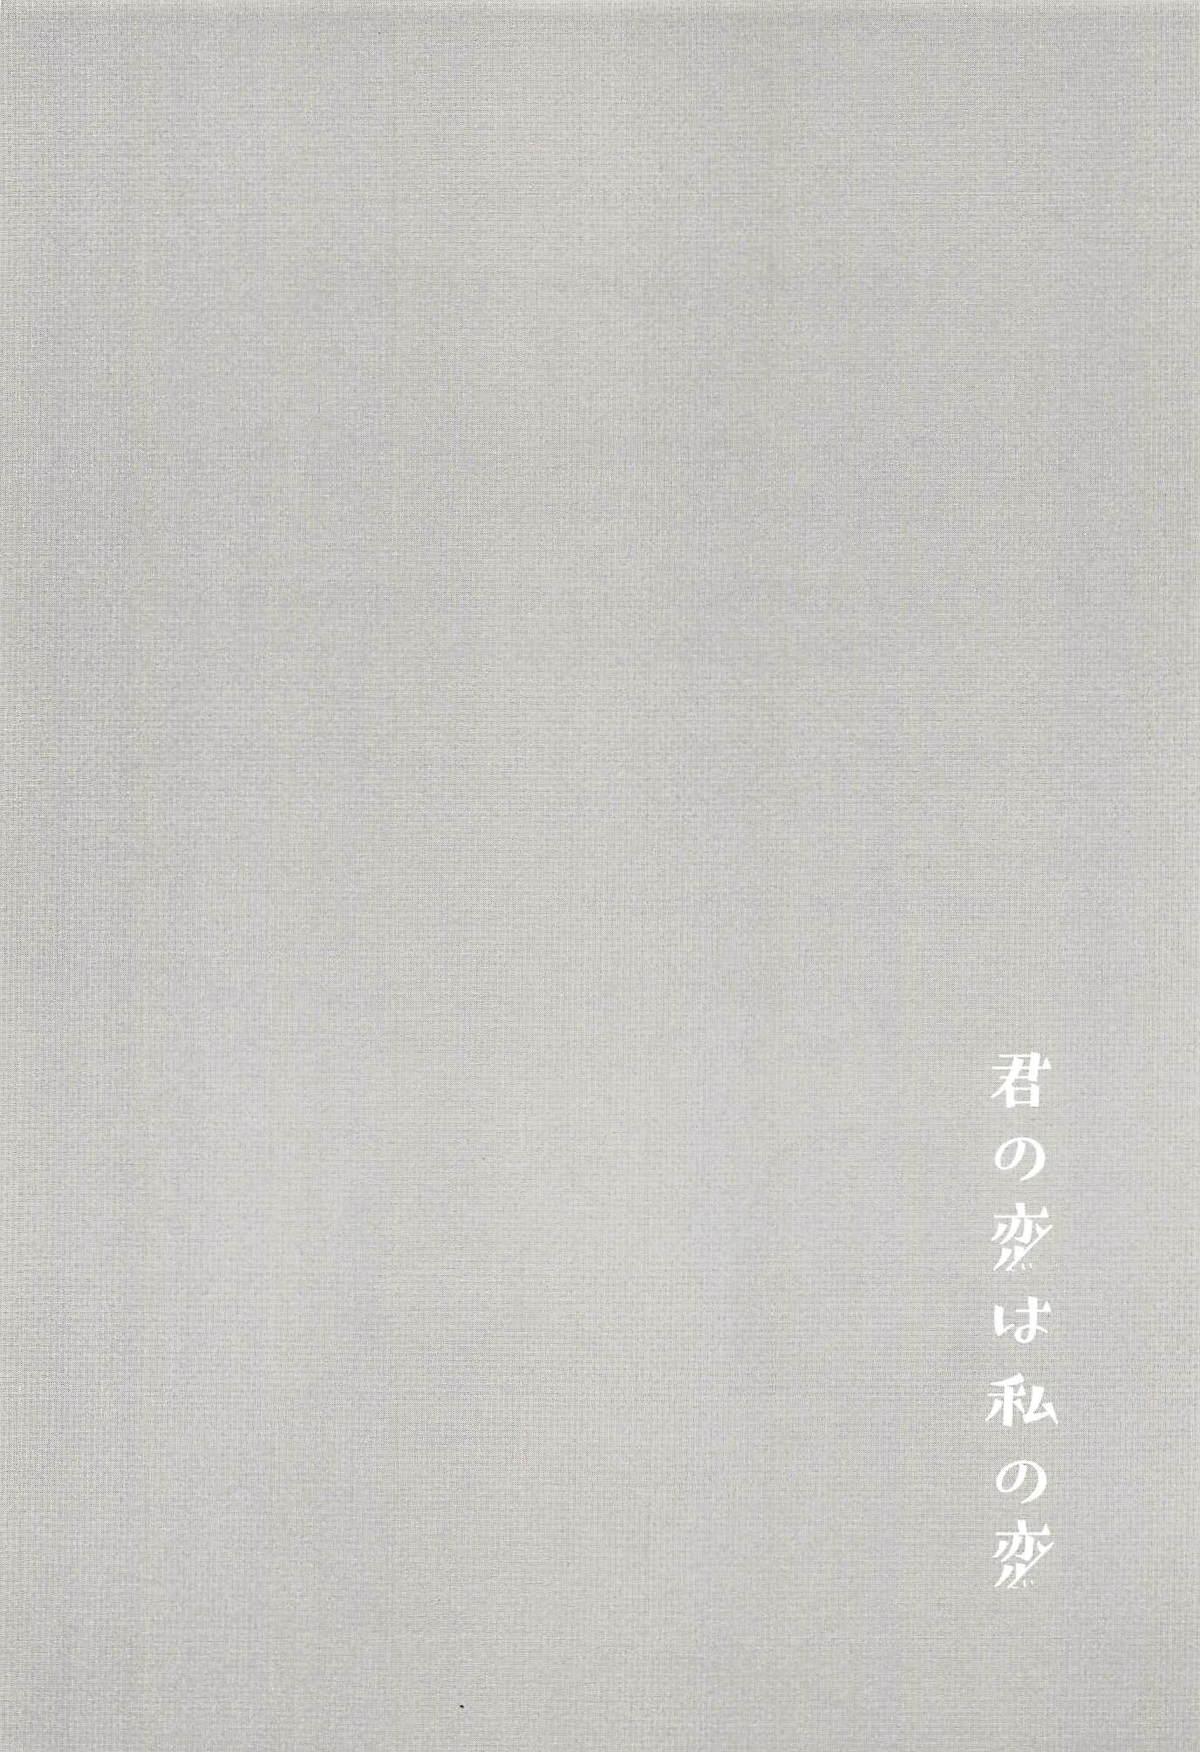 Kimi no Koi wa Watashi no Koi 2